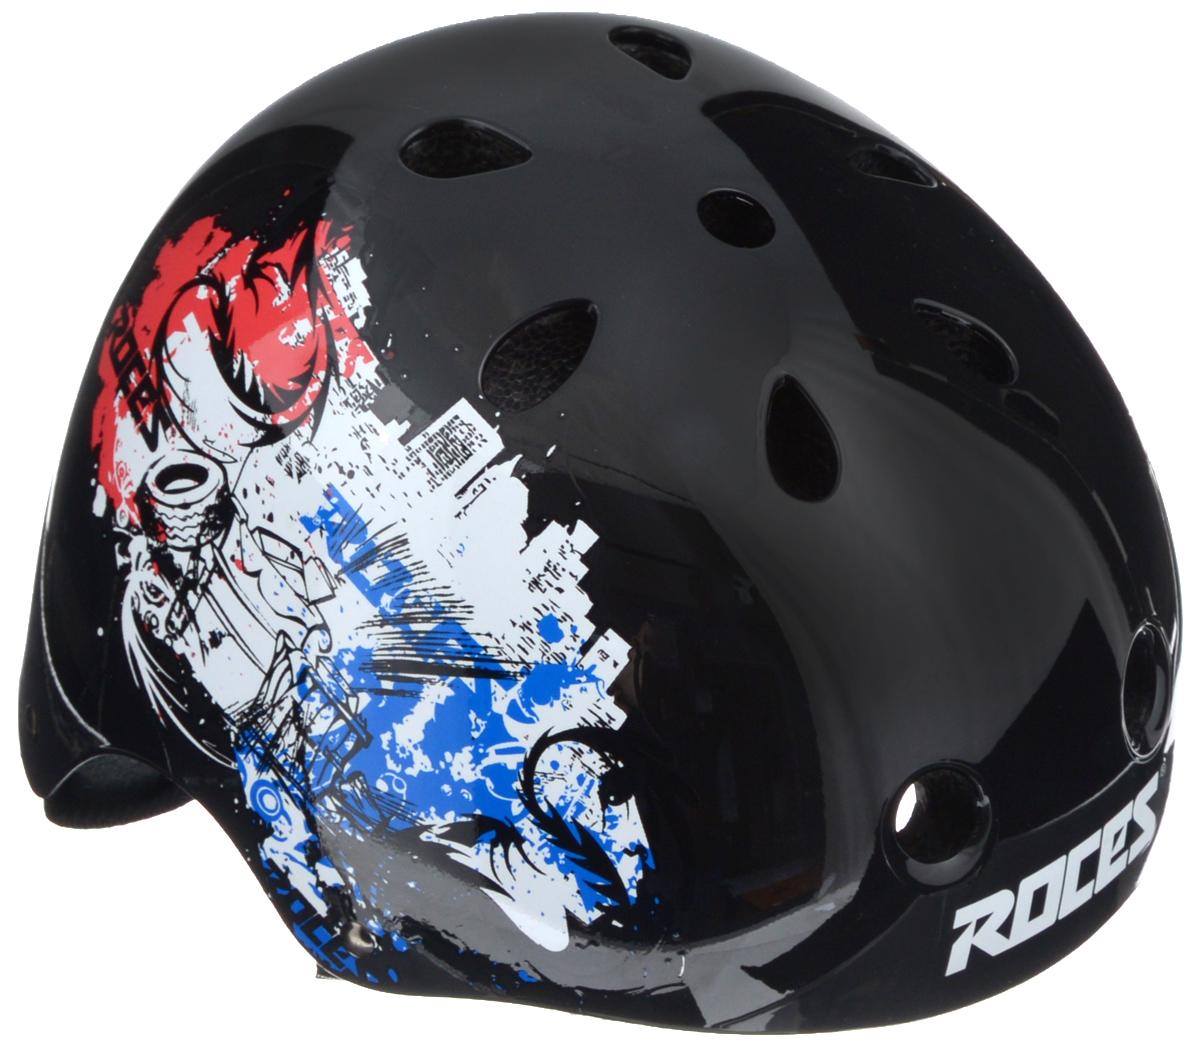 Шлем летний Roces CE Metropolis Aggressive, детский, цвет: черный, красный, белый. Размер M301430-B-MДетский шлем Roces CE Metropolis Aggressive предназначен исключительно для езды на велосипеде и катания на роликовых коньках или скейтборде. Шлем снабжен универсальным внутренним настроечным кольцом, застежками на липучках, регулируемыми текстильными ремешками и вентиляционными отверстиями. Увеличенное количество вентиляционных отверстий гарантирует отличную циркуляцию воздуха на разных скоростях движения при сохранении жесткости. Подстежка изготовлена из пенополистирола. Ее роль заключается в рассеивании энергии при ударе, что защищает голову. Верхняя часть шлема, выполненная из прочного пластика, препятствует разрушению изделия, защищает шлем от прокола и позволять ему скользить при ударах. Способность шлема скользить по поверхности является важной его характеристикой, так как при падении движение уменьшается не сразу, а постепенно, снижая тем самым нагрузку на голову и шею. Надежный шлем с ярким дизайном обеспечит высокую ...